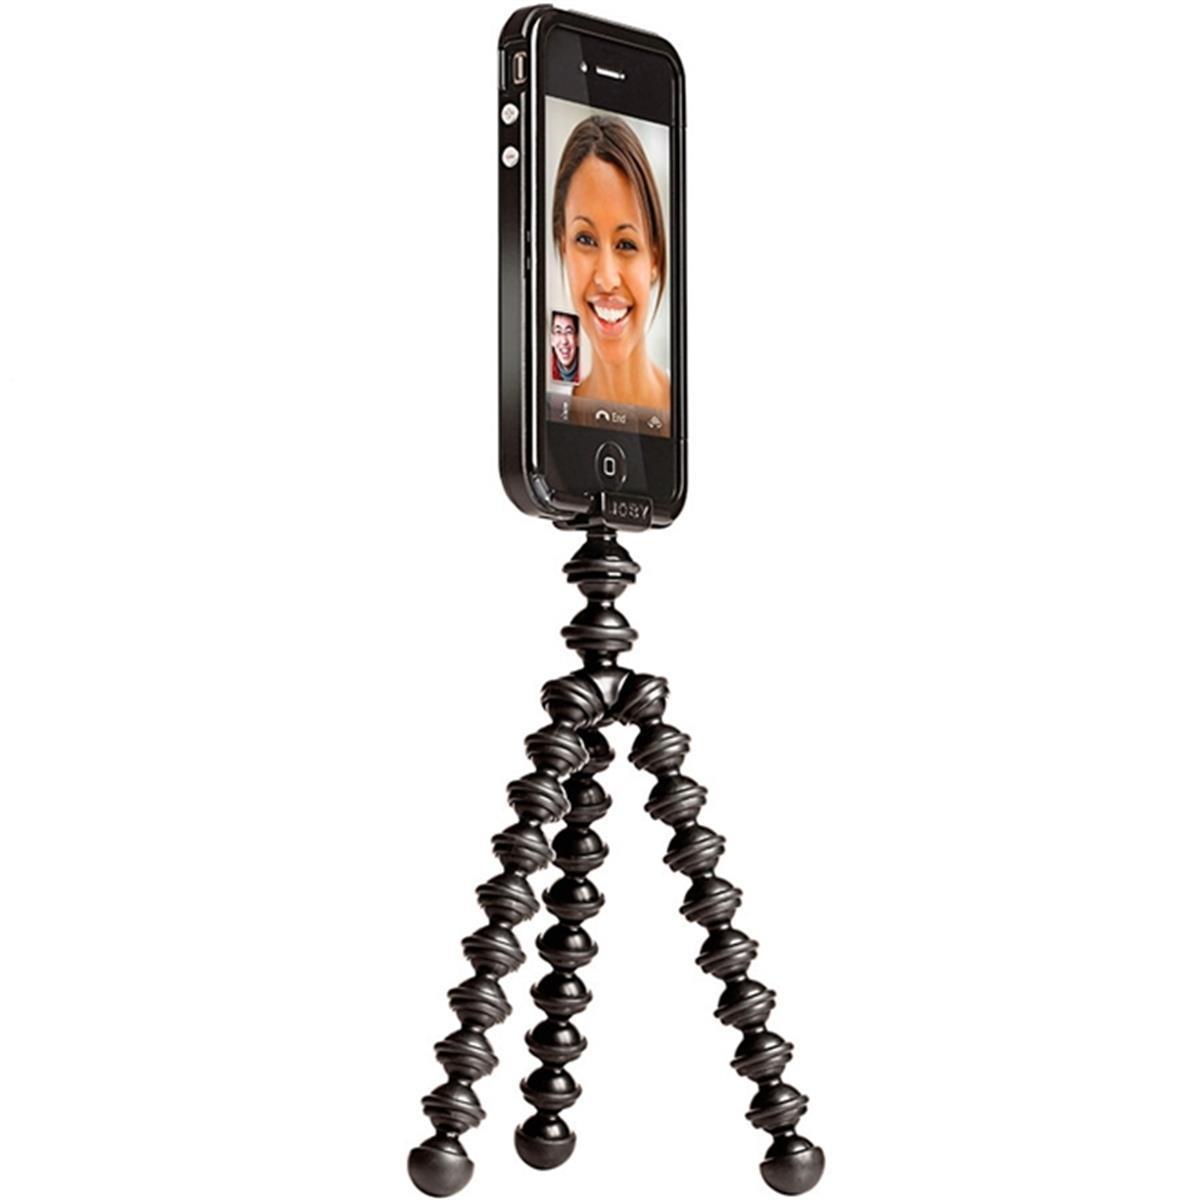 Tripé Flexível Com Clip Para Iphone 4 / 4S Gm2 - A1am Joby